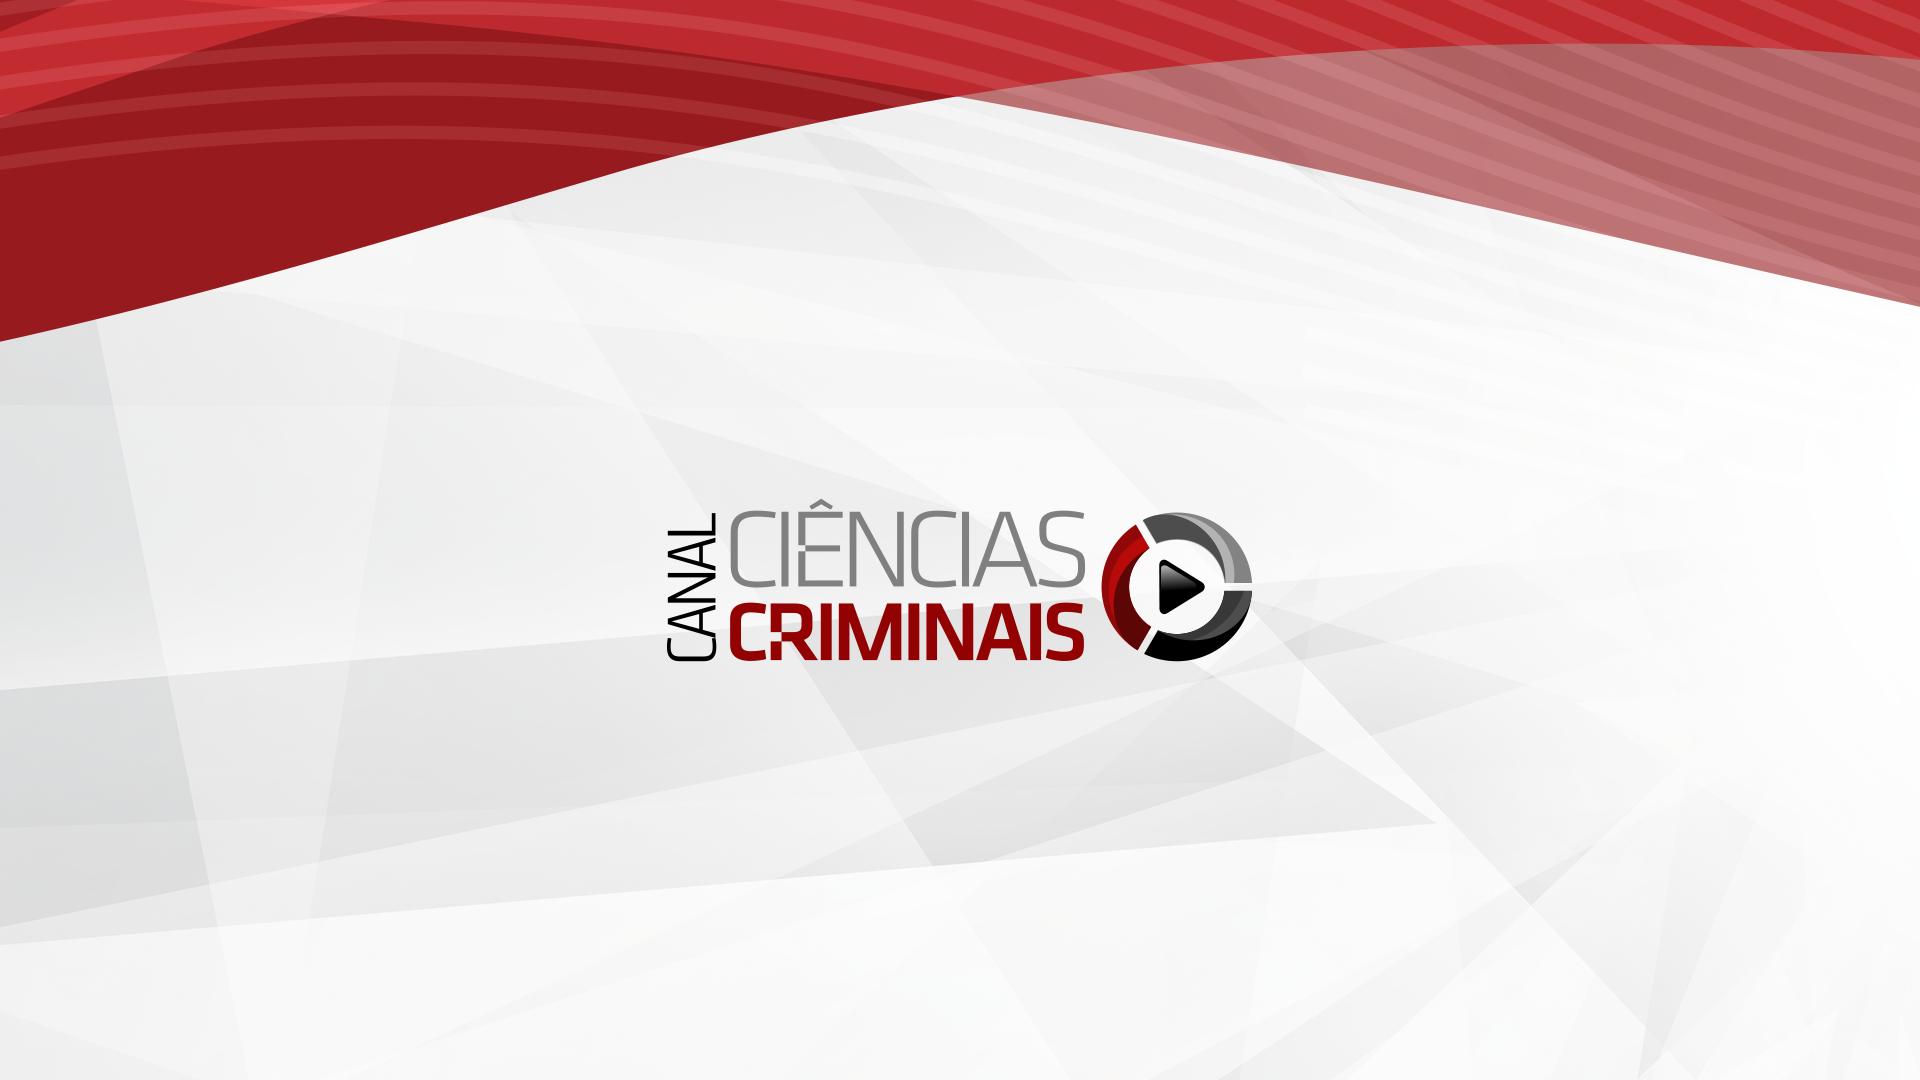 Canal Ciências Criminais promove eventos com temas atuais